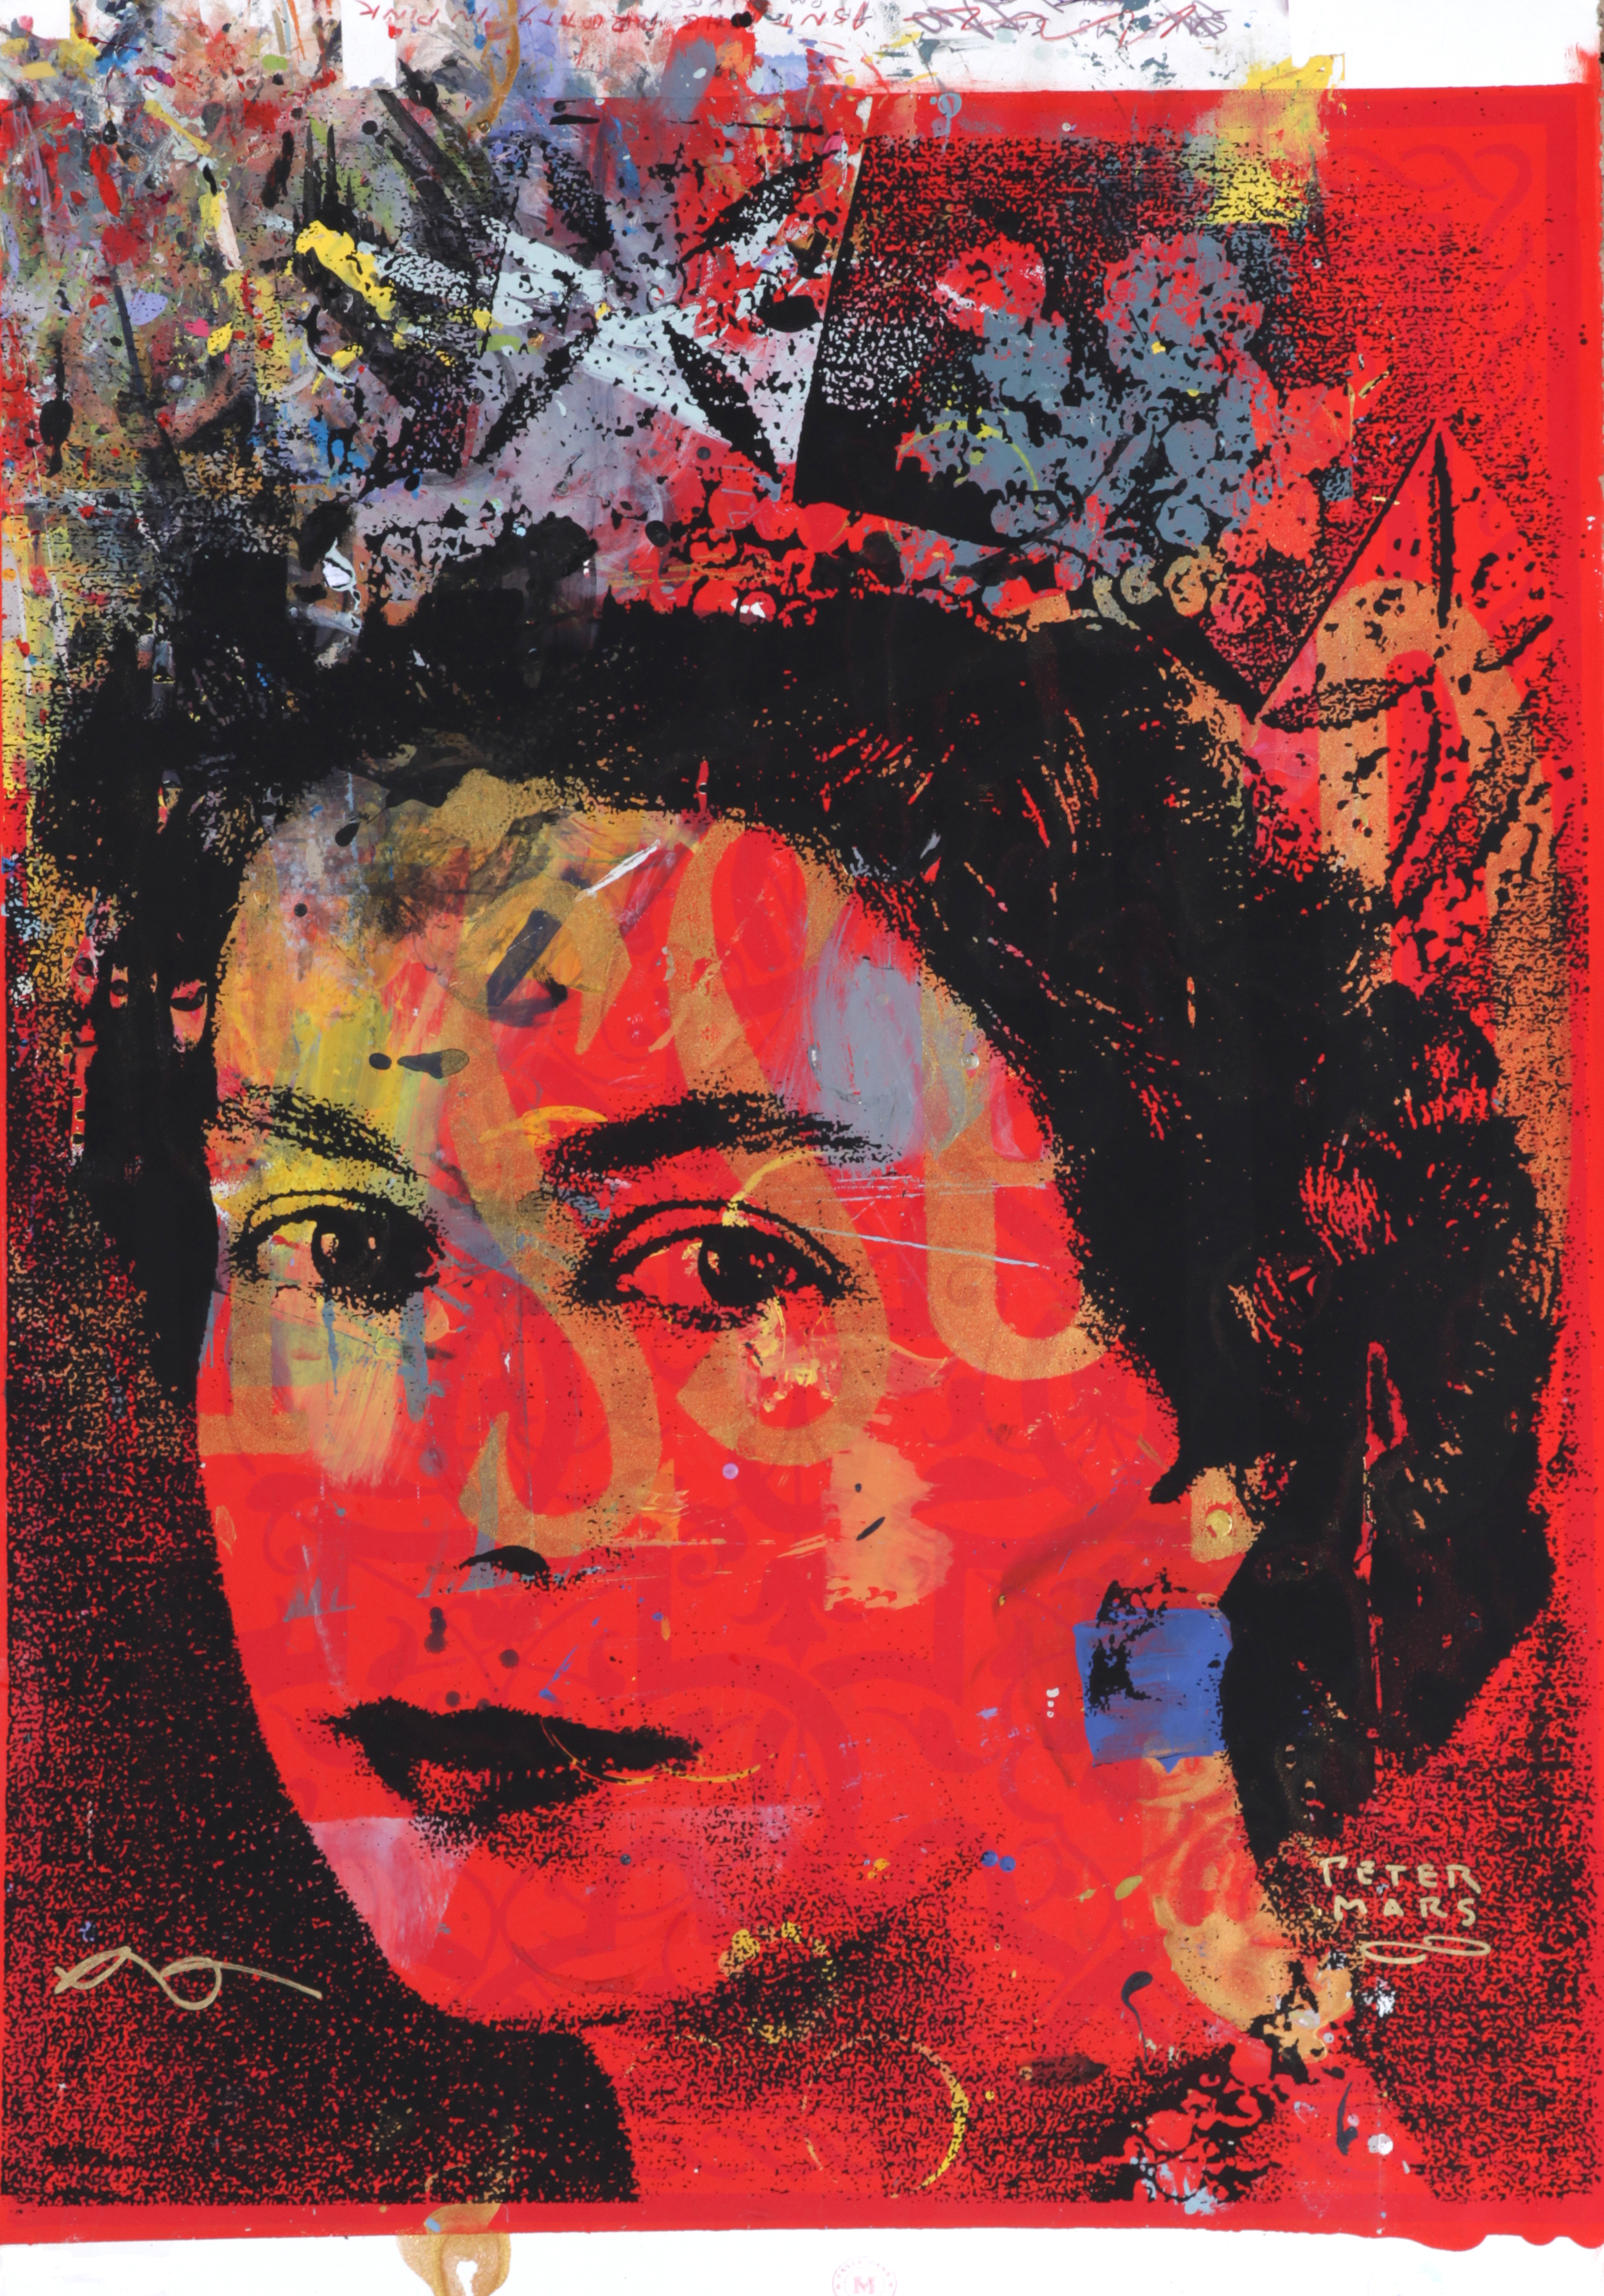 """GSTQ Crown Jewels , Peter Mars, American Pop Art, 30x40"""""""